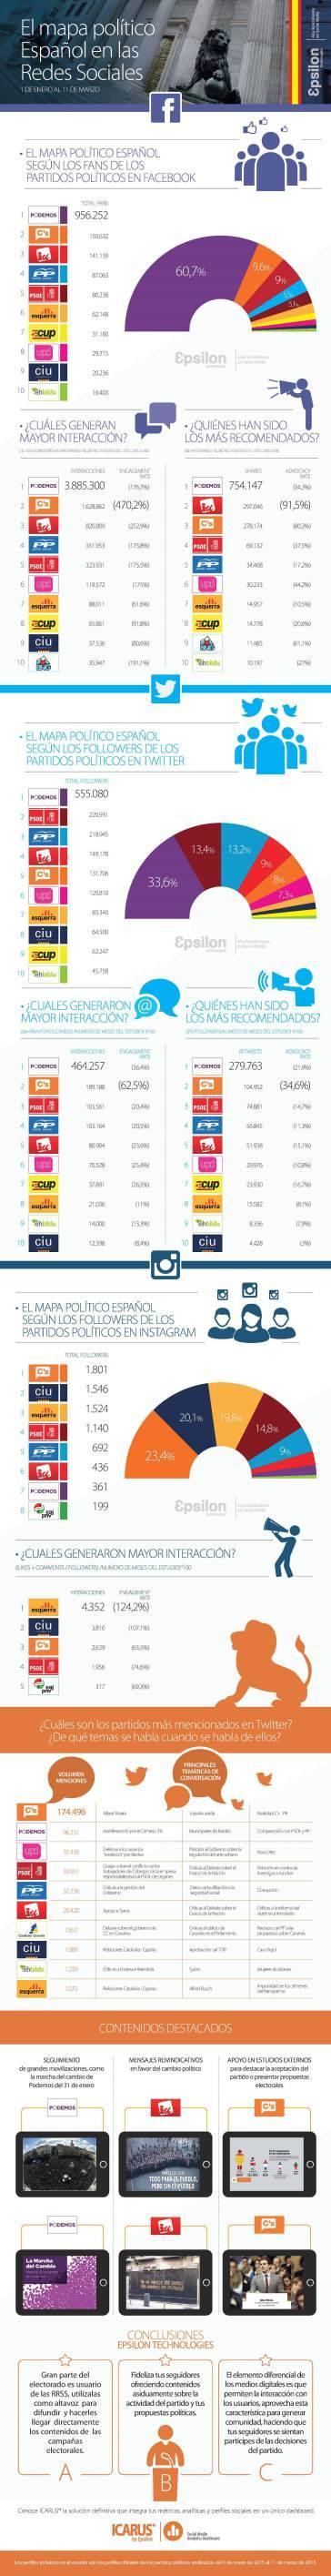 Políticos españoles y Redes Sociales